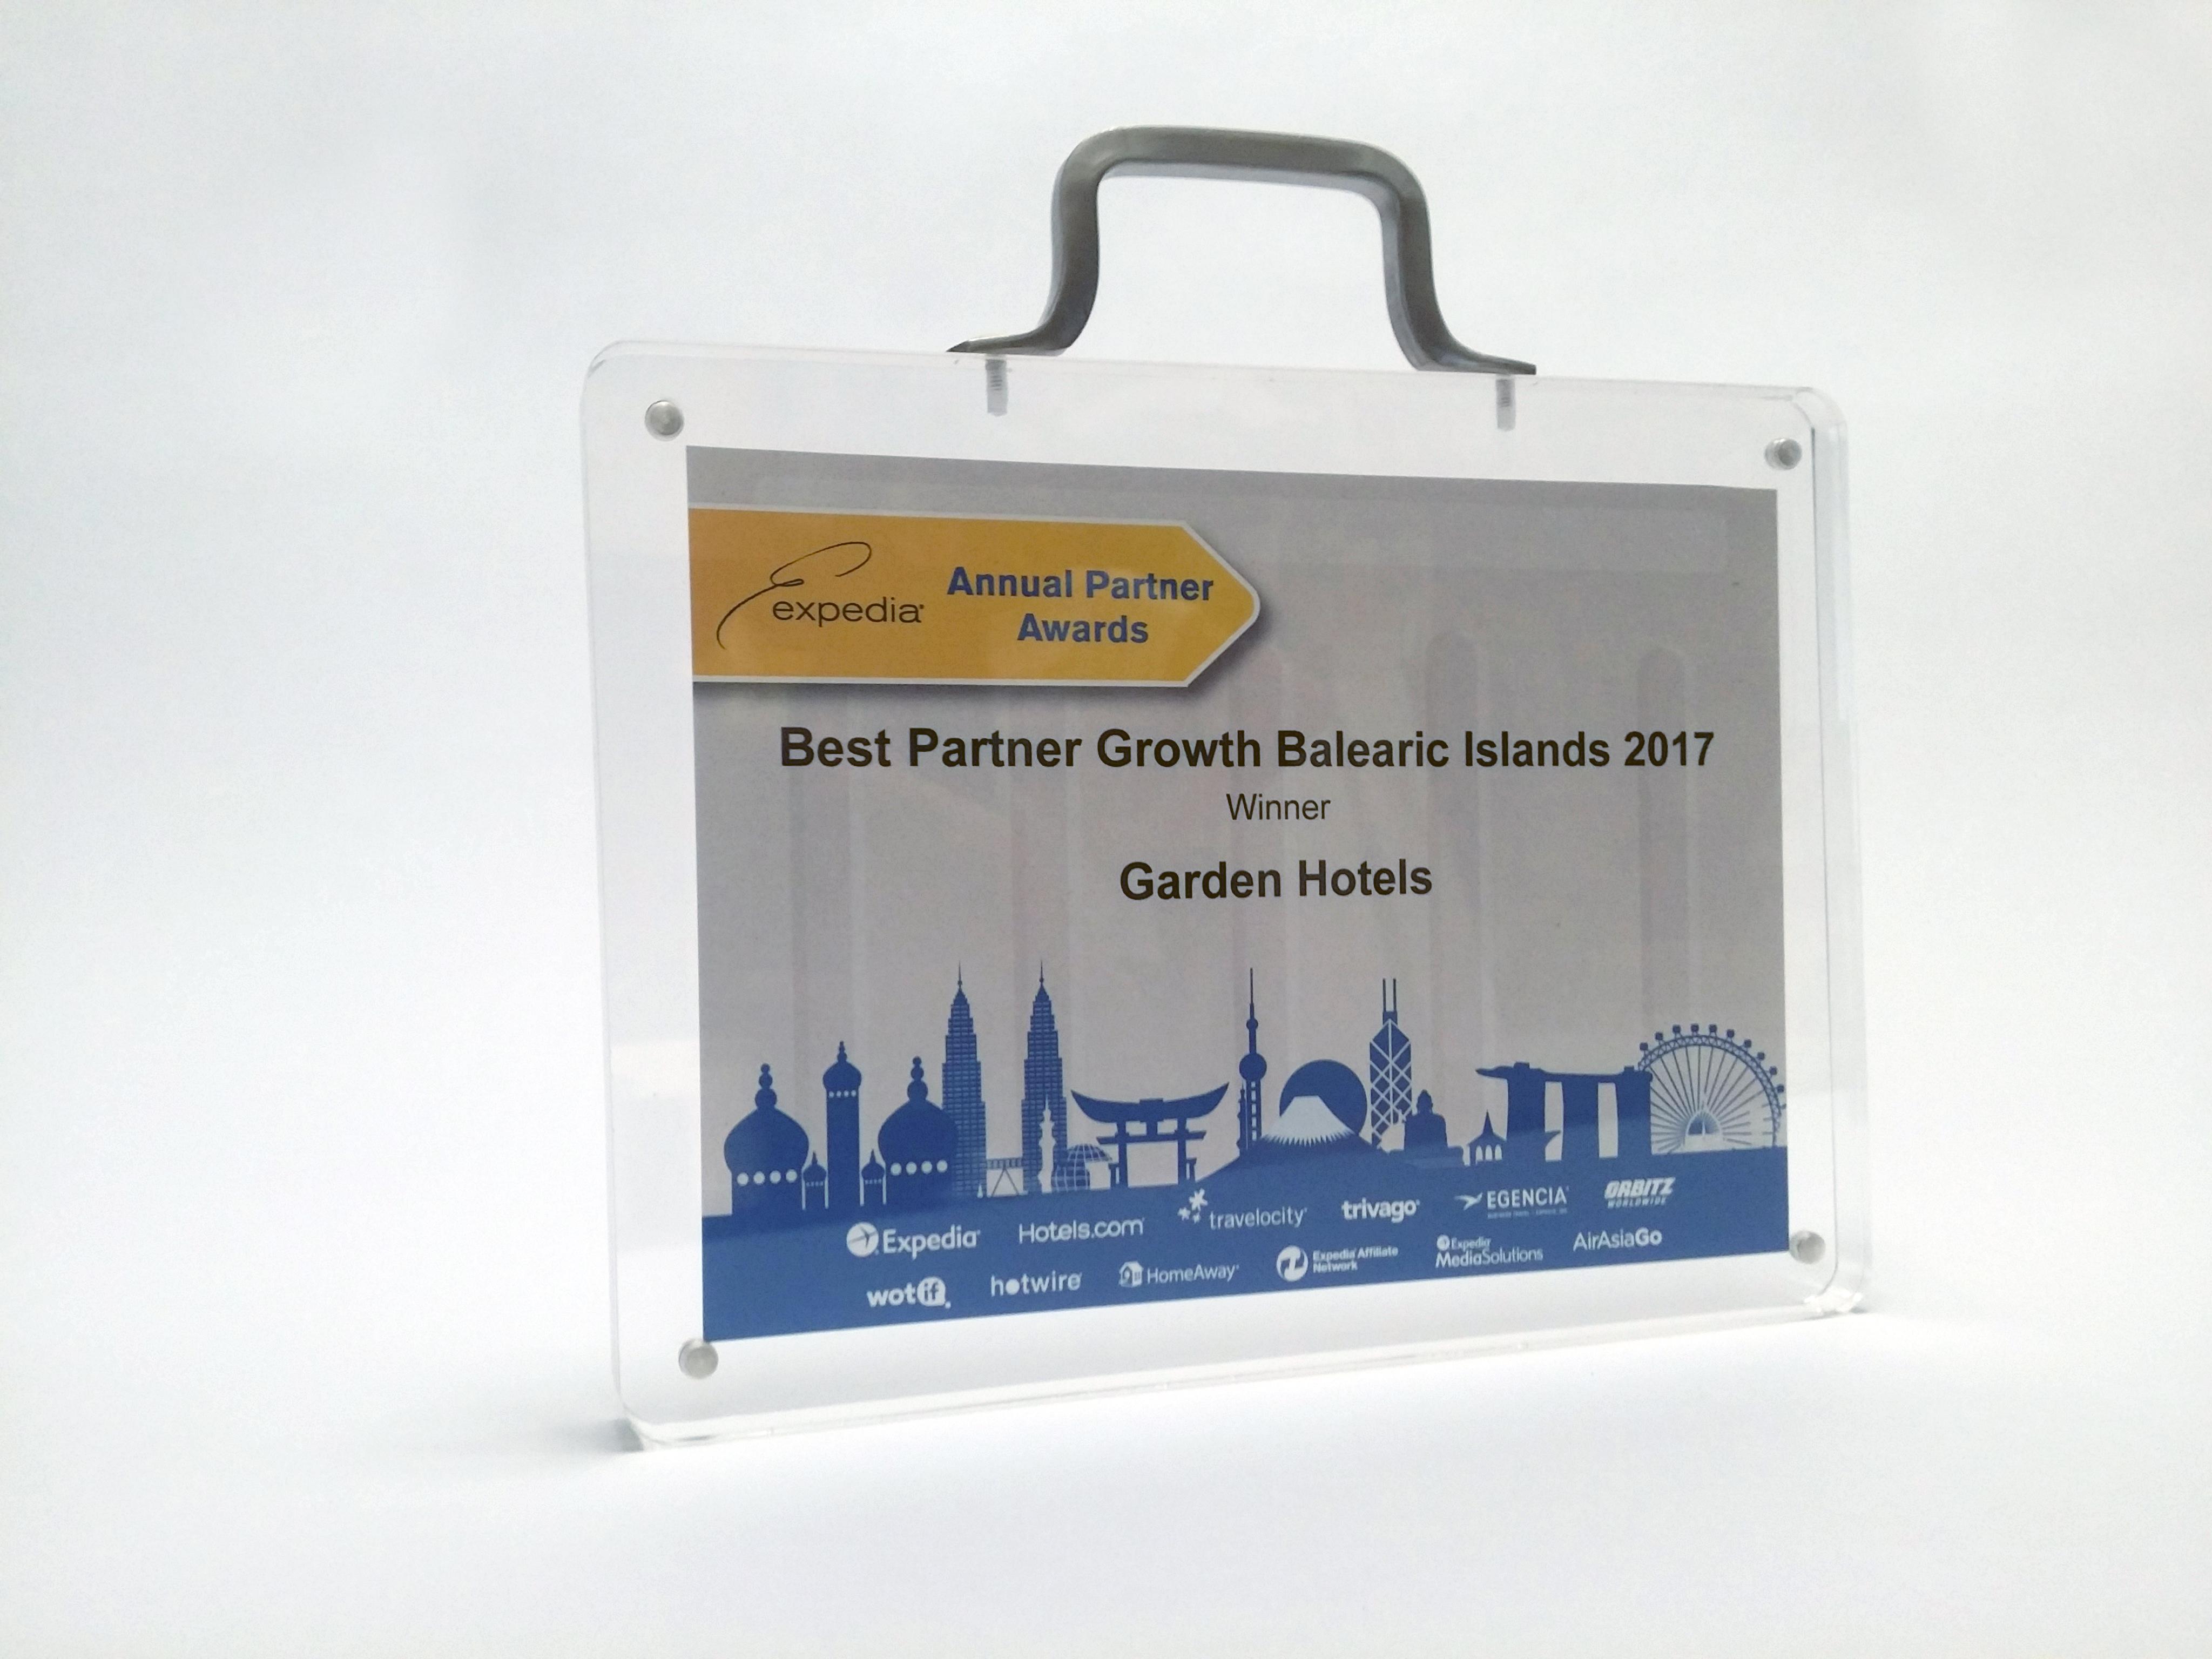 Garden Hotels, gana el premio al partner con mejor crecimiento en el Evento Anual de Expedia Baleares